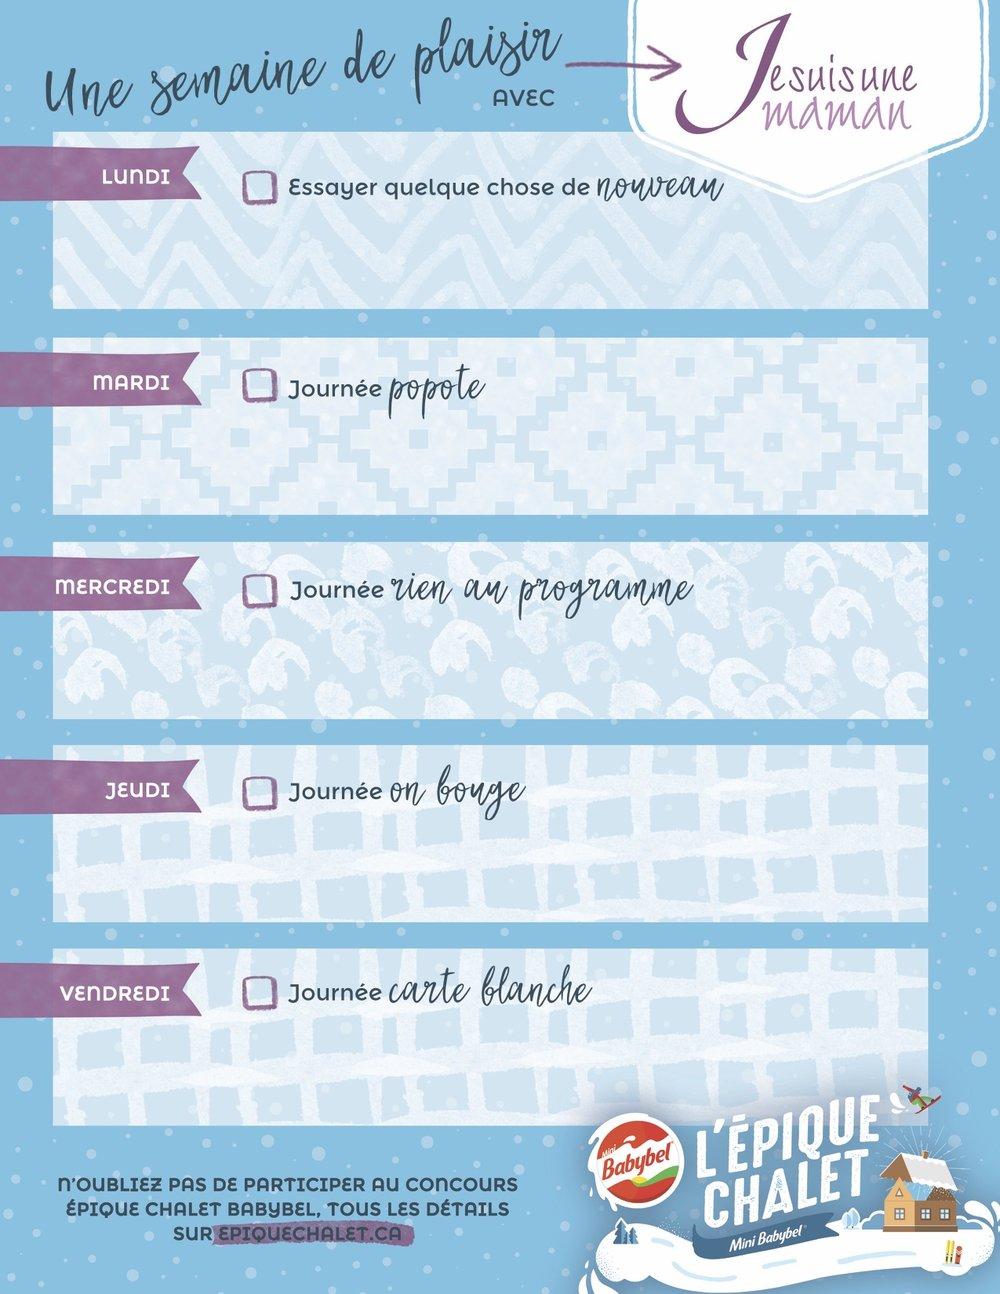 Un calendrier que vous pouvez imprimer et personnaliser. Yé !